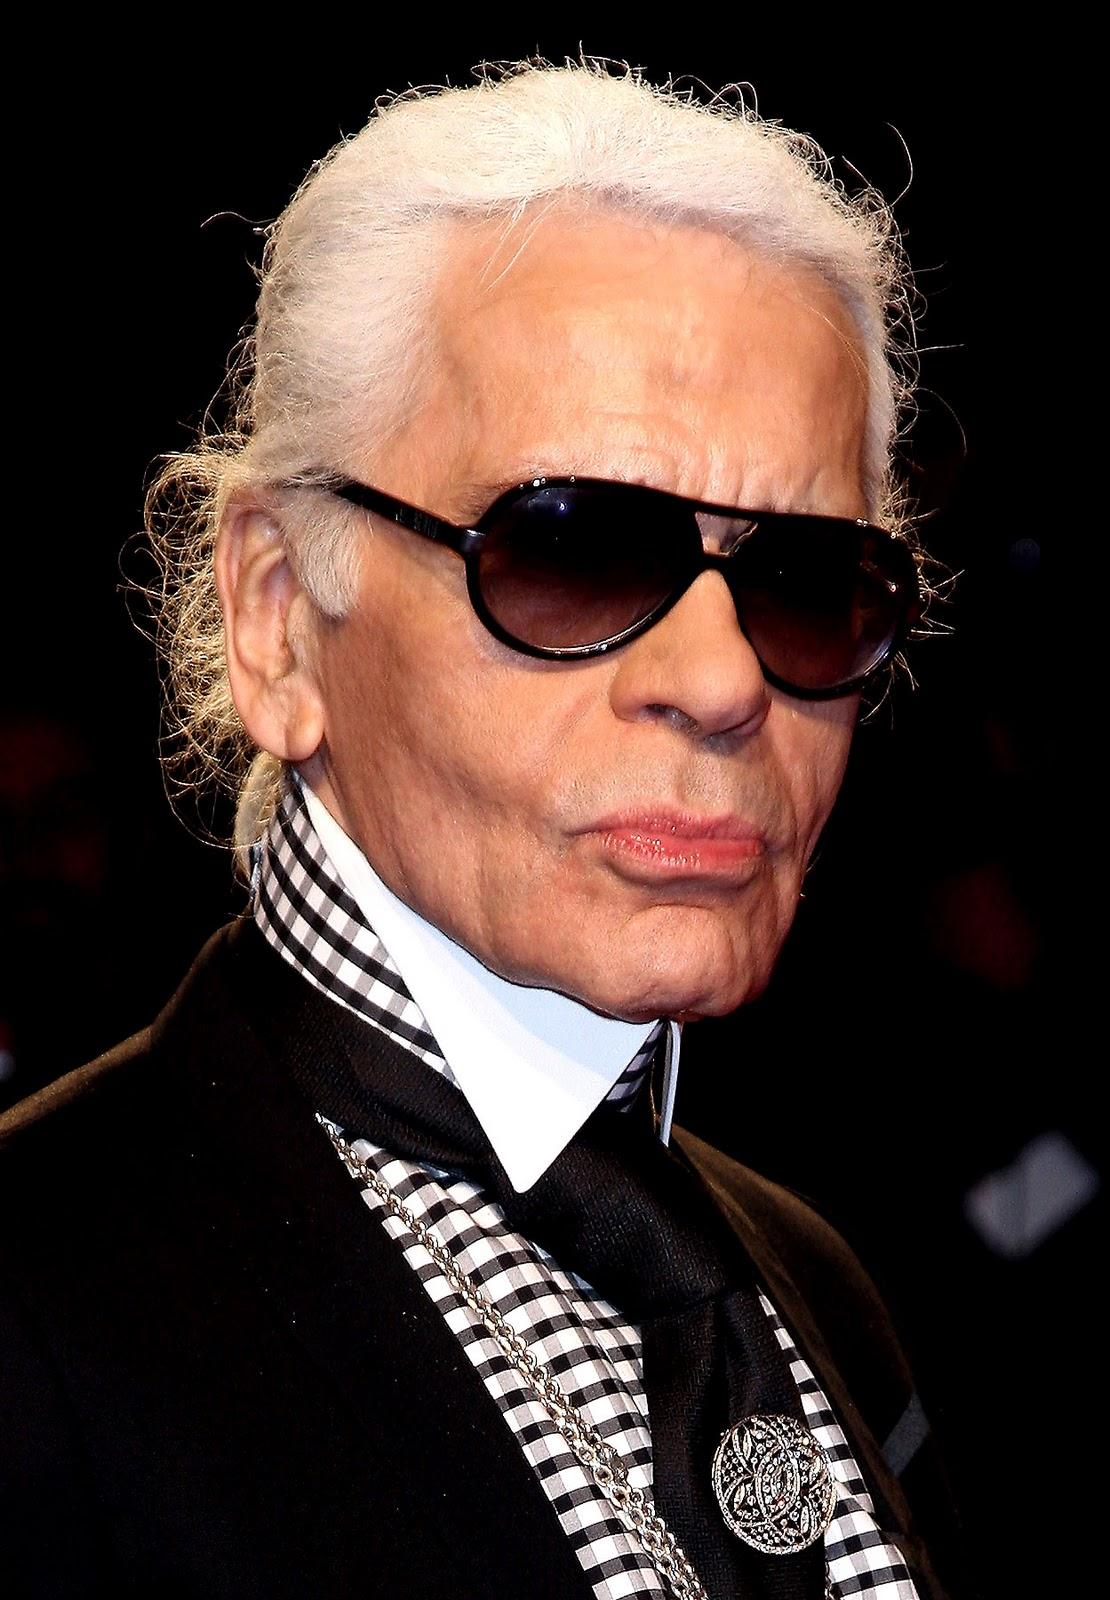 Karl Lagerfeld e suas muitas facetas